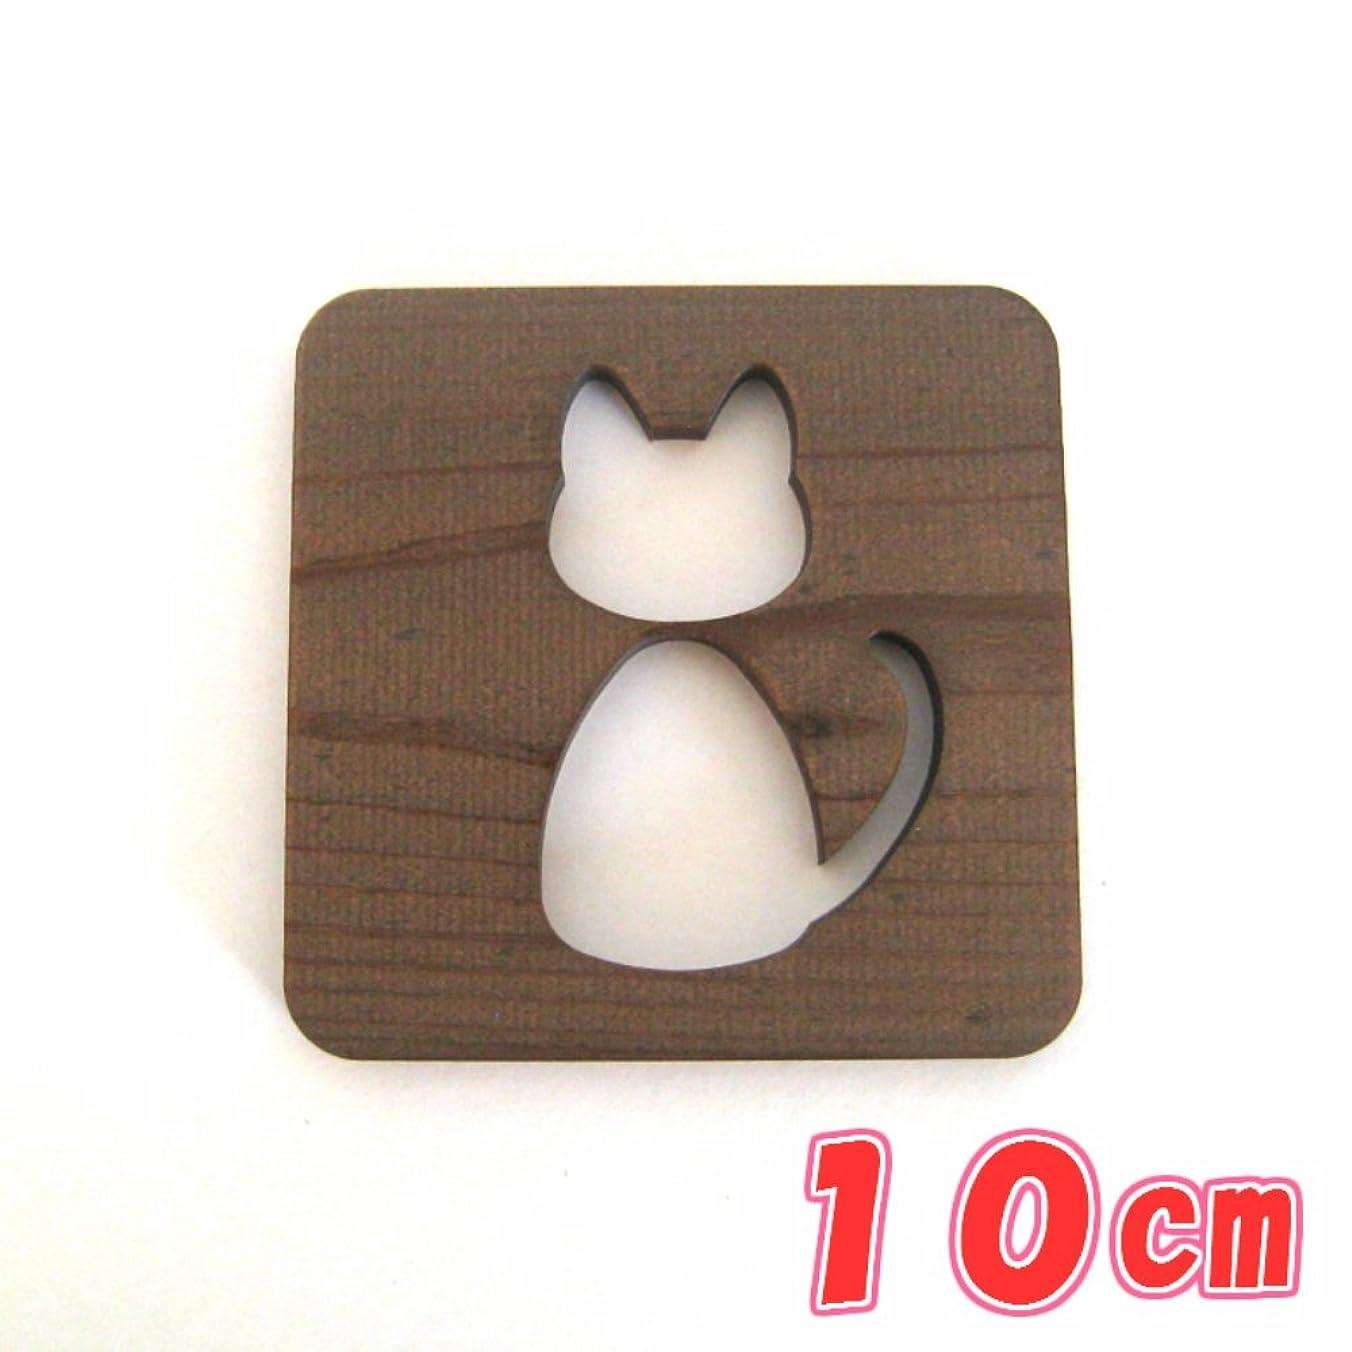 制限された寛大さ広げる木製 穴あき四角型トイレプレート 猫女 10cm 3タイプ ブラウン